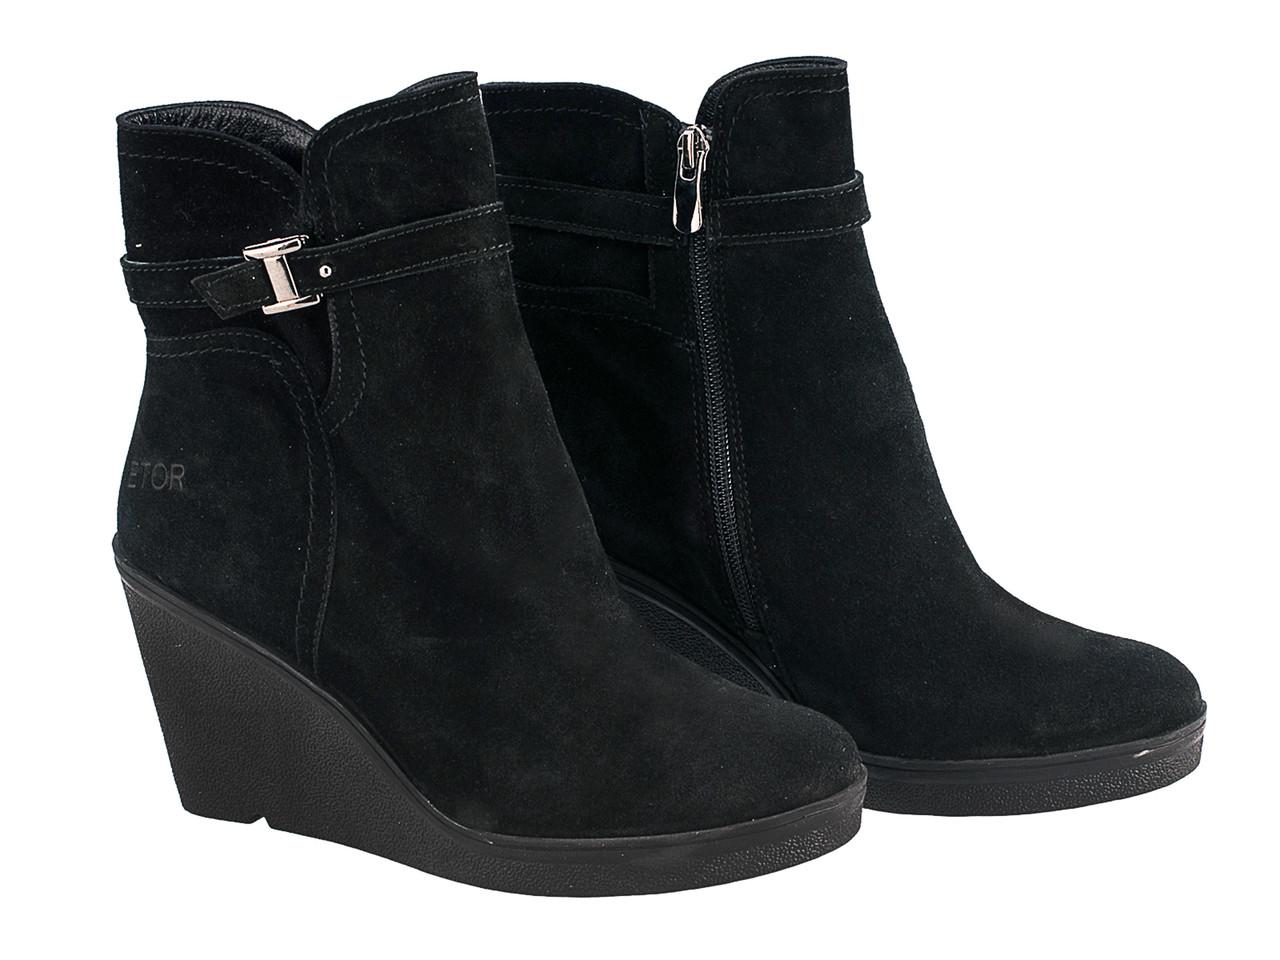 Ботинки Etor 5905-02510-1 черные